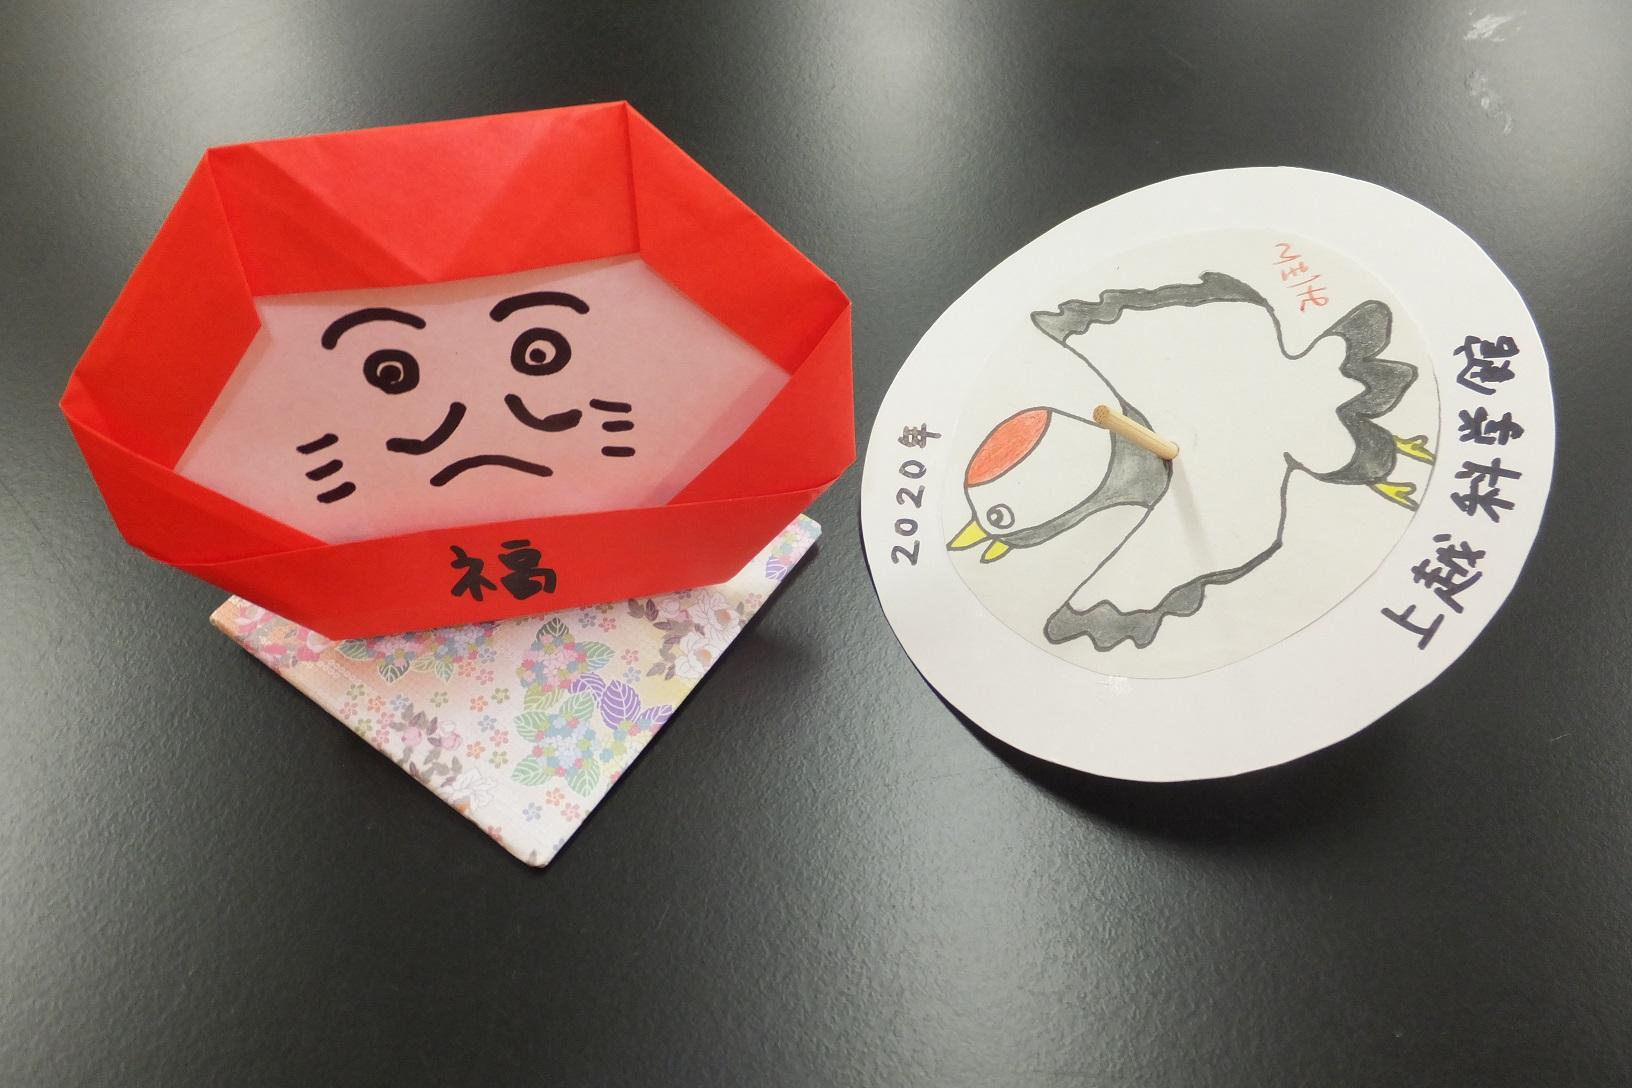 左:だるまさんがくるりん 右:新春!生き物大回転コマ小